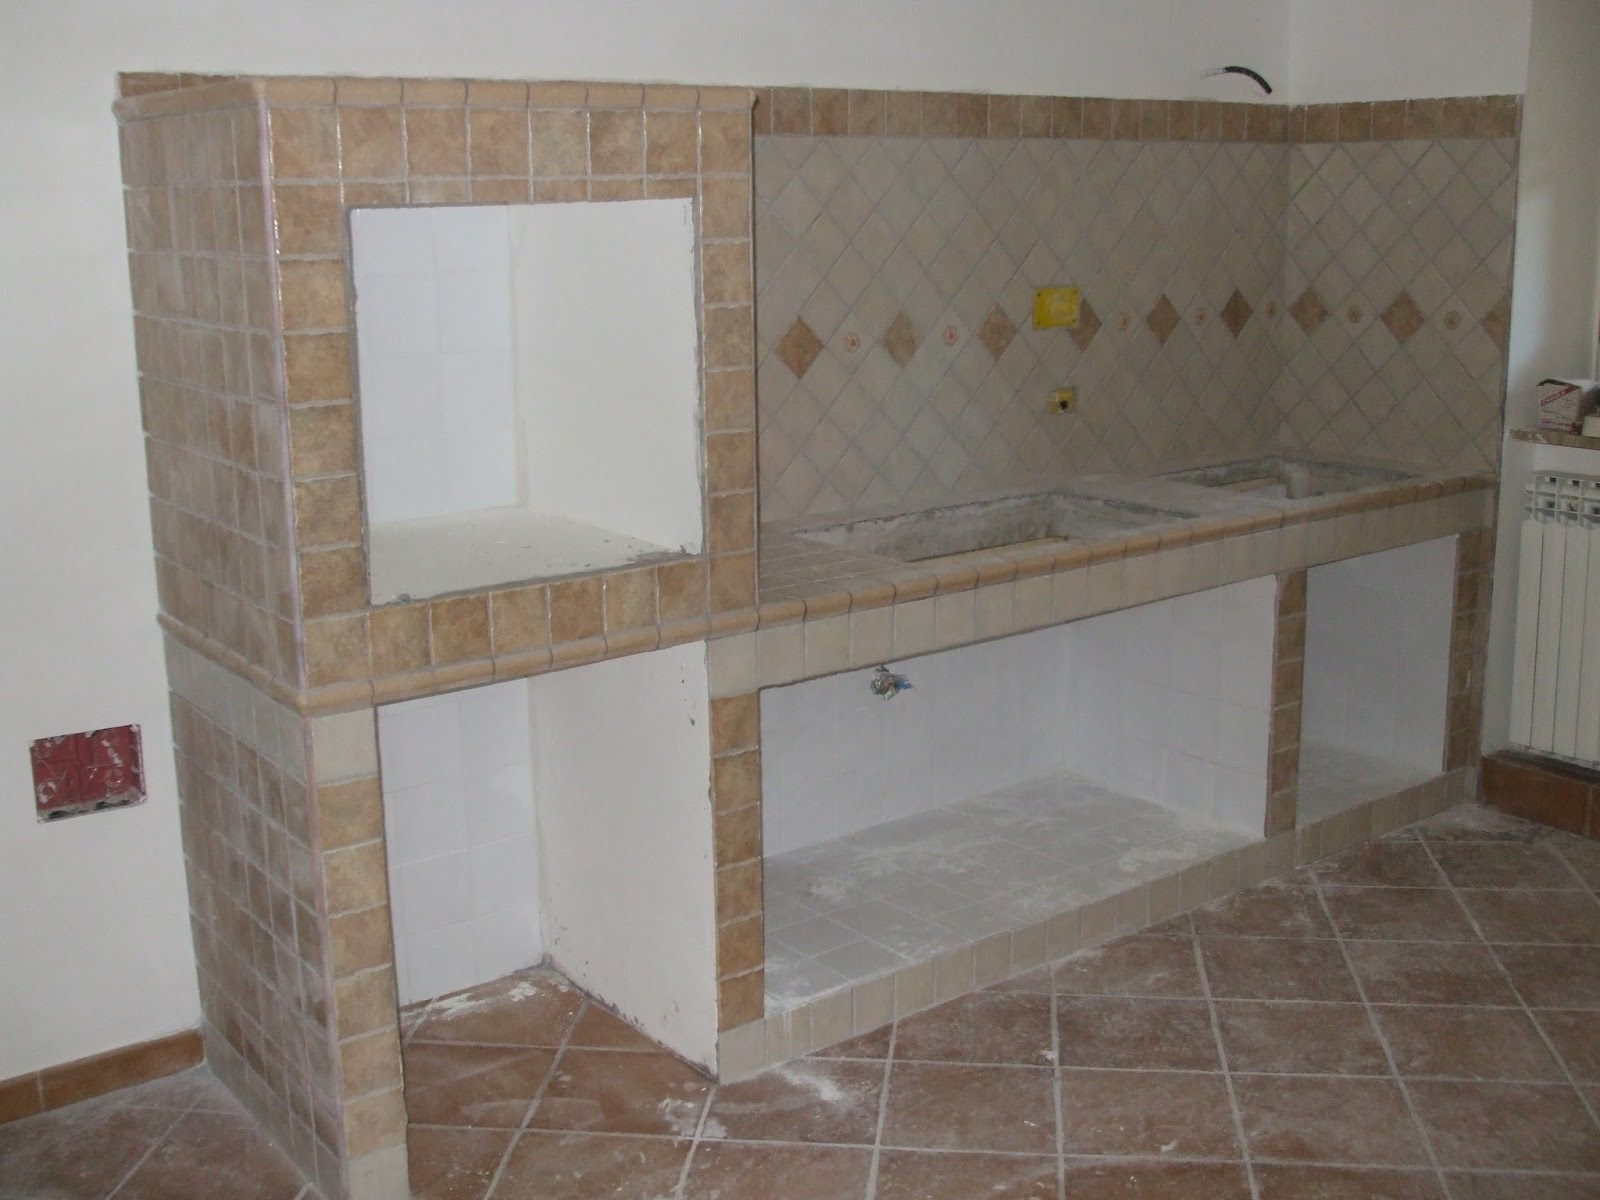 vetrocemento doccia : Bagno Con Doccia In Vetrocemento : Edilizia RoMa Ristrutturazioni ...